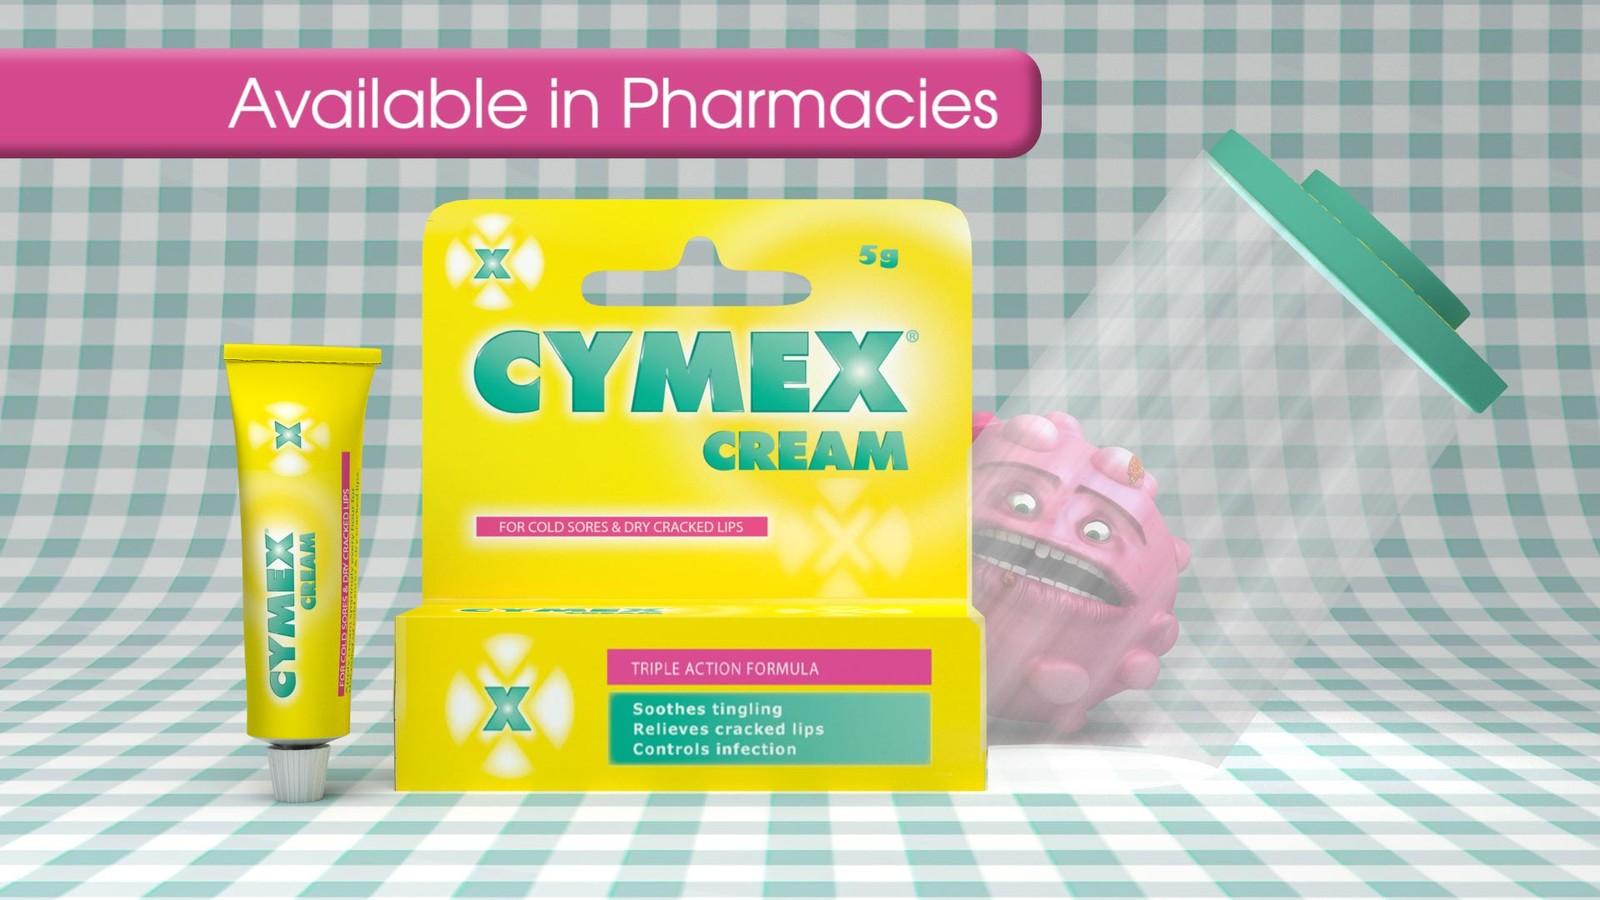 Cymex Advert